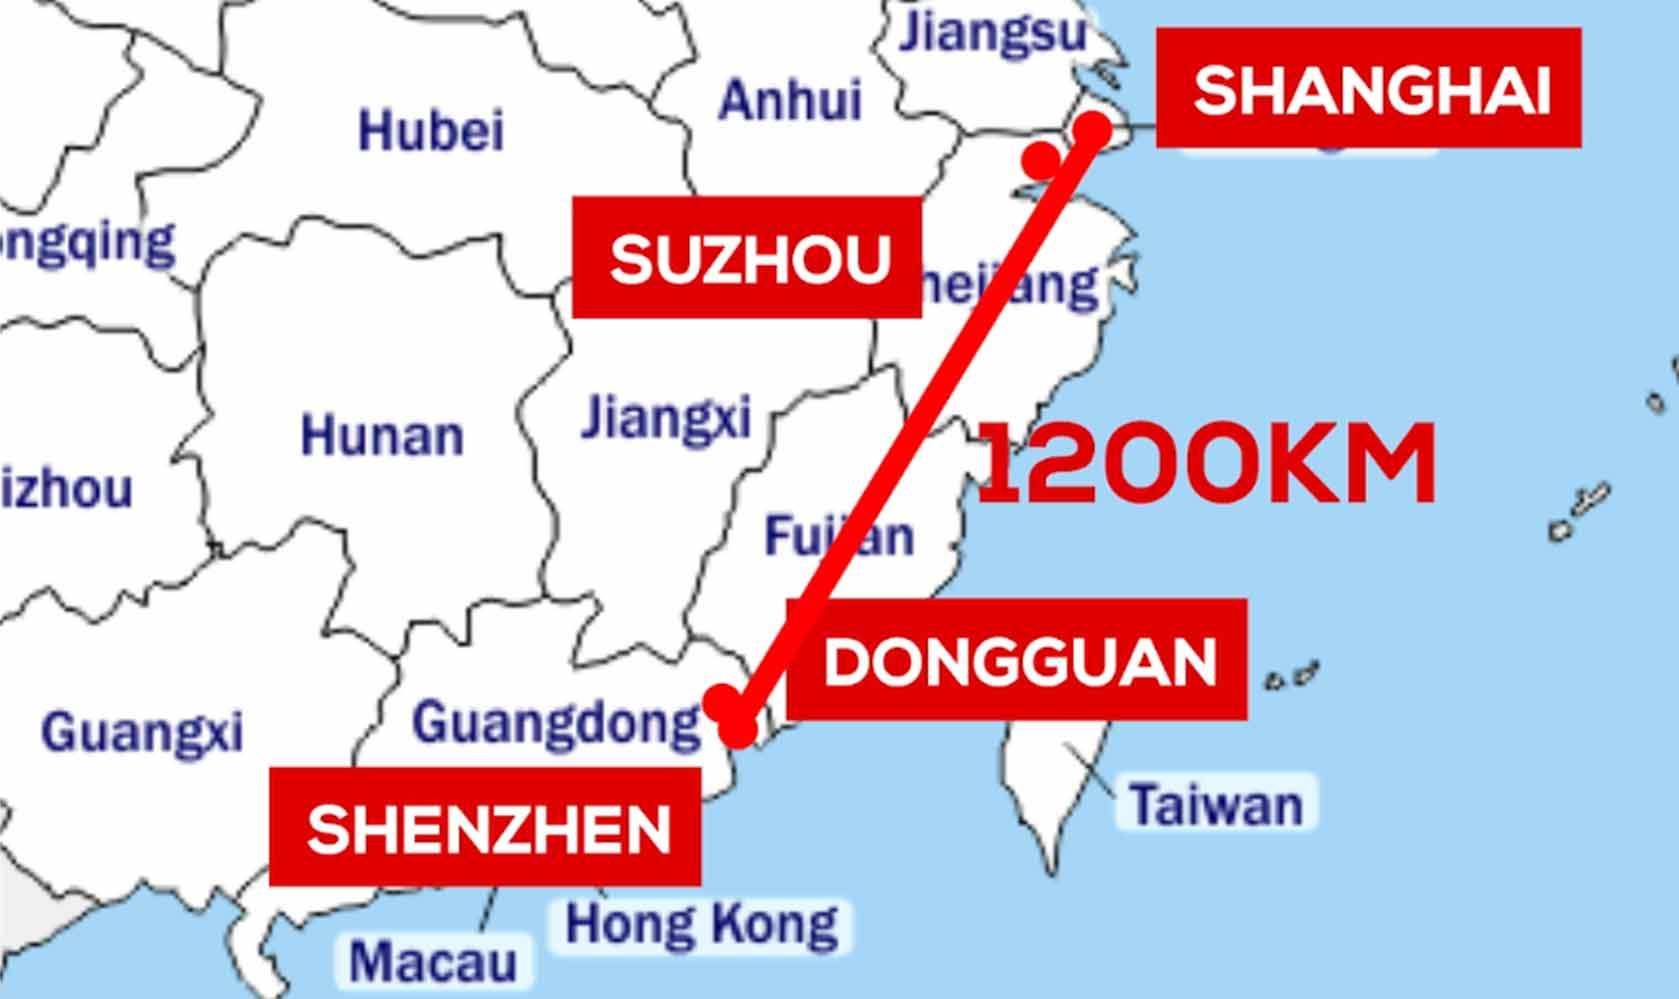 Shenzhen to Shanghai